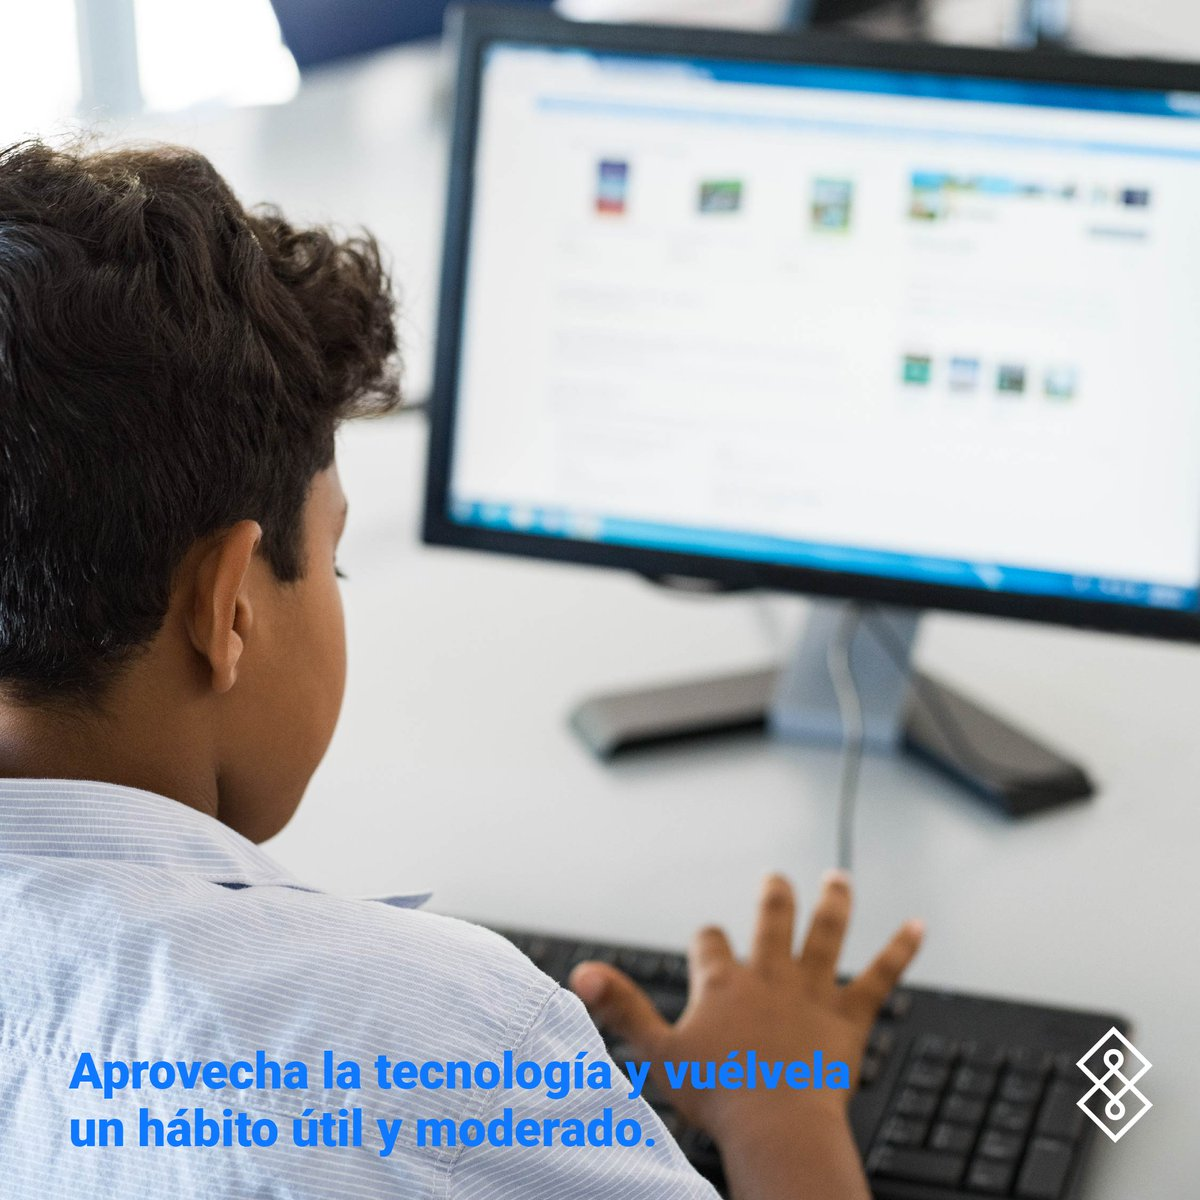 El mundo digital ya es parte indispensable de la vida; es sustancial que desde la infancia y la juventud se conozca el lado útil y amable de la herramienta. En #Unio nos comprometemos a orientarte en favor del crecimiento sano de tus hijos.  ¡Conoce más! ➡️https://t.co/MpovEiFhHS https://t.co/N9JMfCiSg6